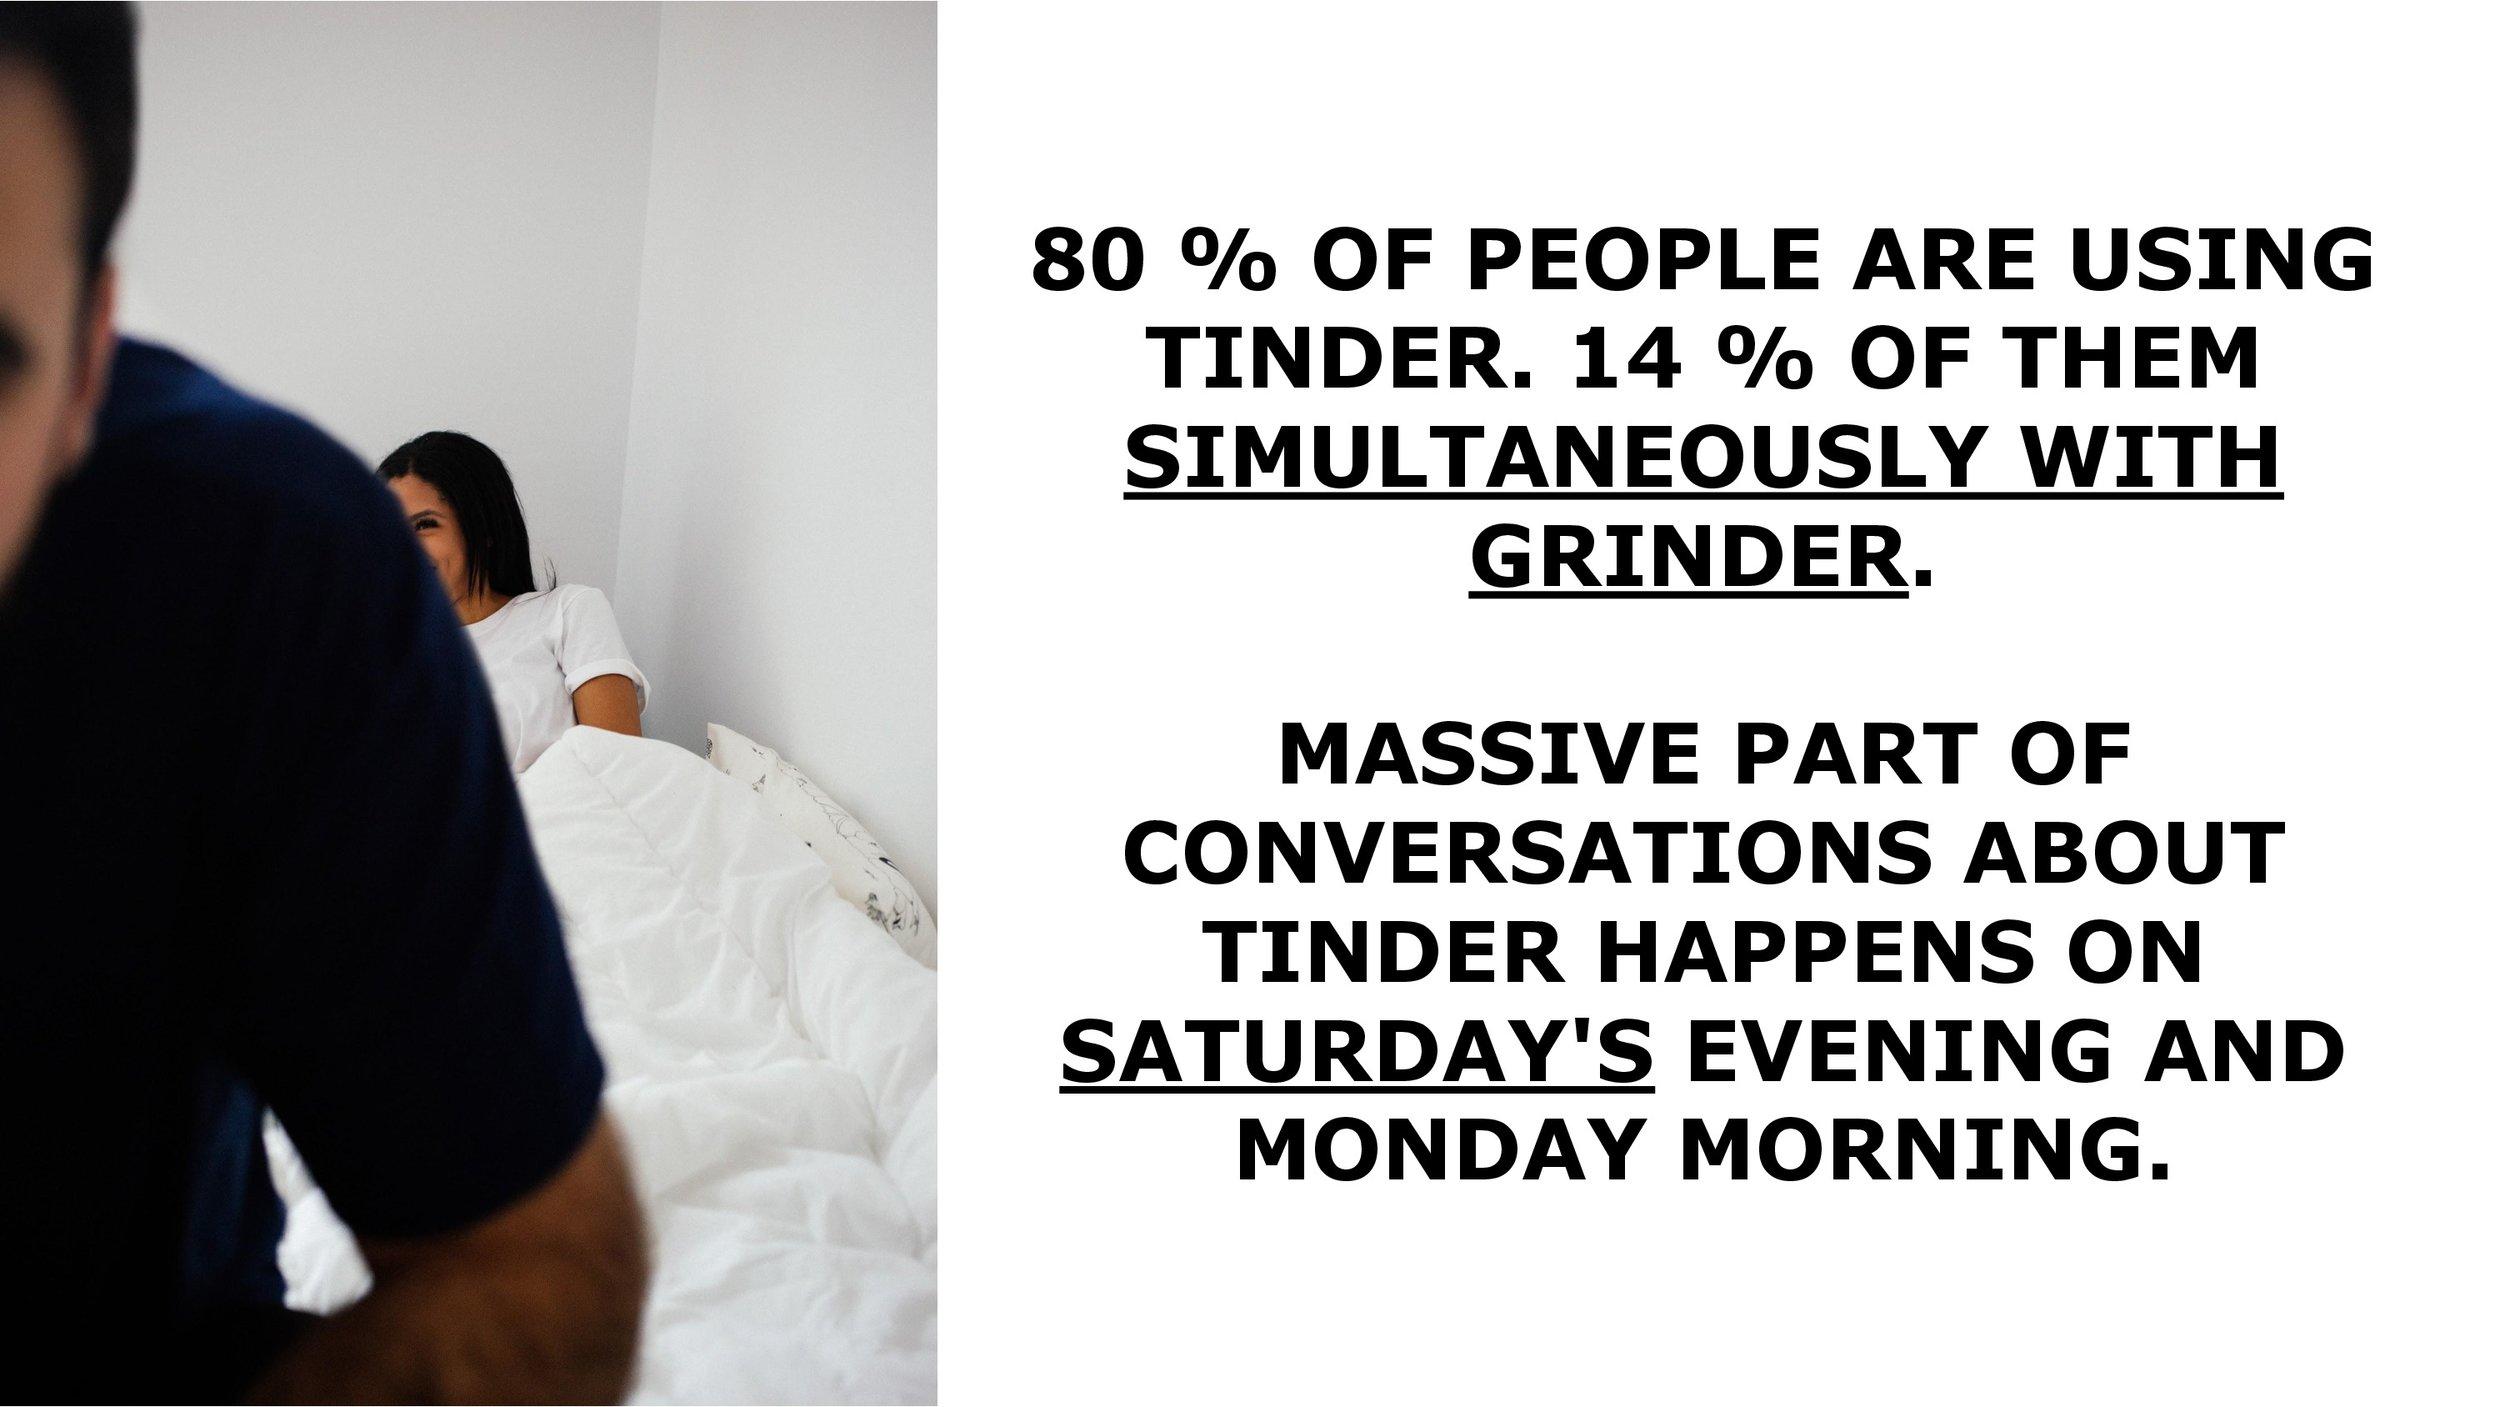 Kdyby v roce 2008 někdo z vašich přátel prohlásil, že se seznámil přes internet, dost možná by se setkal s rozpaky. Dnes je používání seznamovacích aplikací naprosto běžná záležitost, jak dokazuje Pulsar a jeho monitoring tématu.  Přes 80 % lidí vyjadřujících se v online kanálech k tématu seznamování používá Tinder, zároveň ale téměř 14 % má nainstalovaný Grindr. Lidé nejčastěji o online seznamování hovoří (a velmi pravděpodobně aplikace zároveň používají) v sobotu a pondělí večer. Obrovský nárůst v tématu je viditelný například 13. května 2017 poté, co bylo oznámeno spuštění aplikace Just a Baby. Ta, stejným způsobem jako Tinder, seznamuje dárce spermatu či náhradní rodiče a oproti Tinder a Grindru přitahovala především zájemce o vážné vztahy.